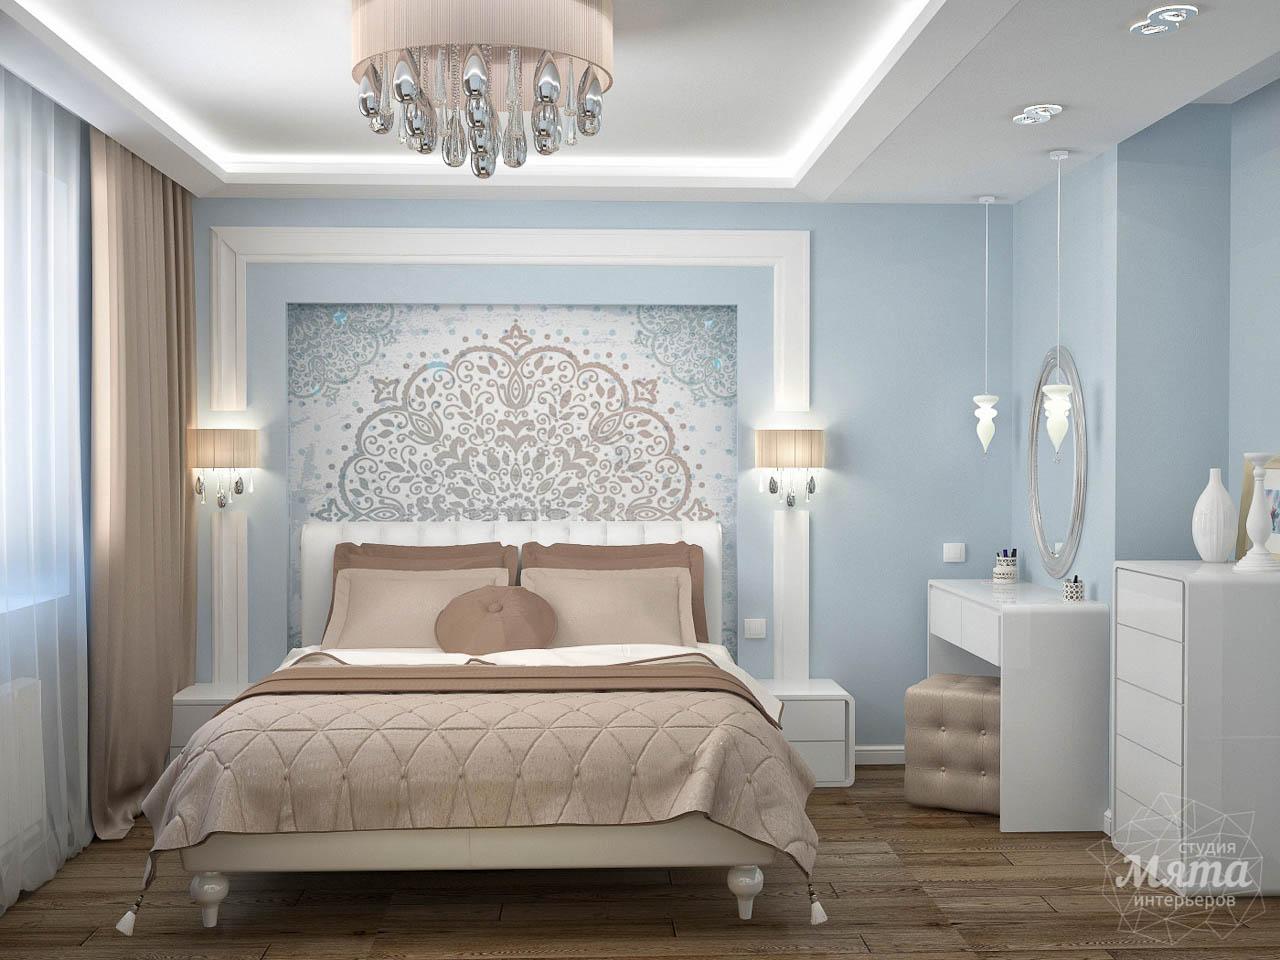 Дизайн интерьера и ремонт трехкомнатной квартиры по ул. Фучика 9 img1595516972